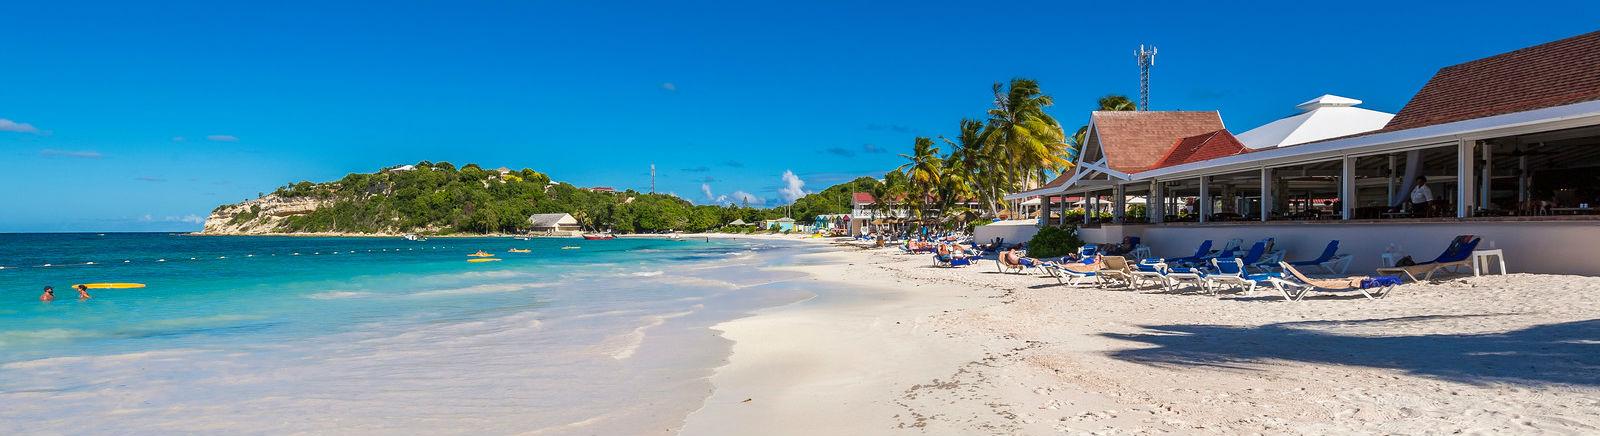 white sandy beach at the Pineapple Beach Club, Antigua